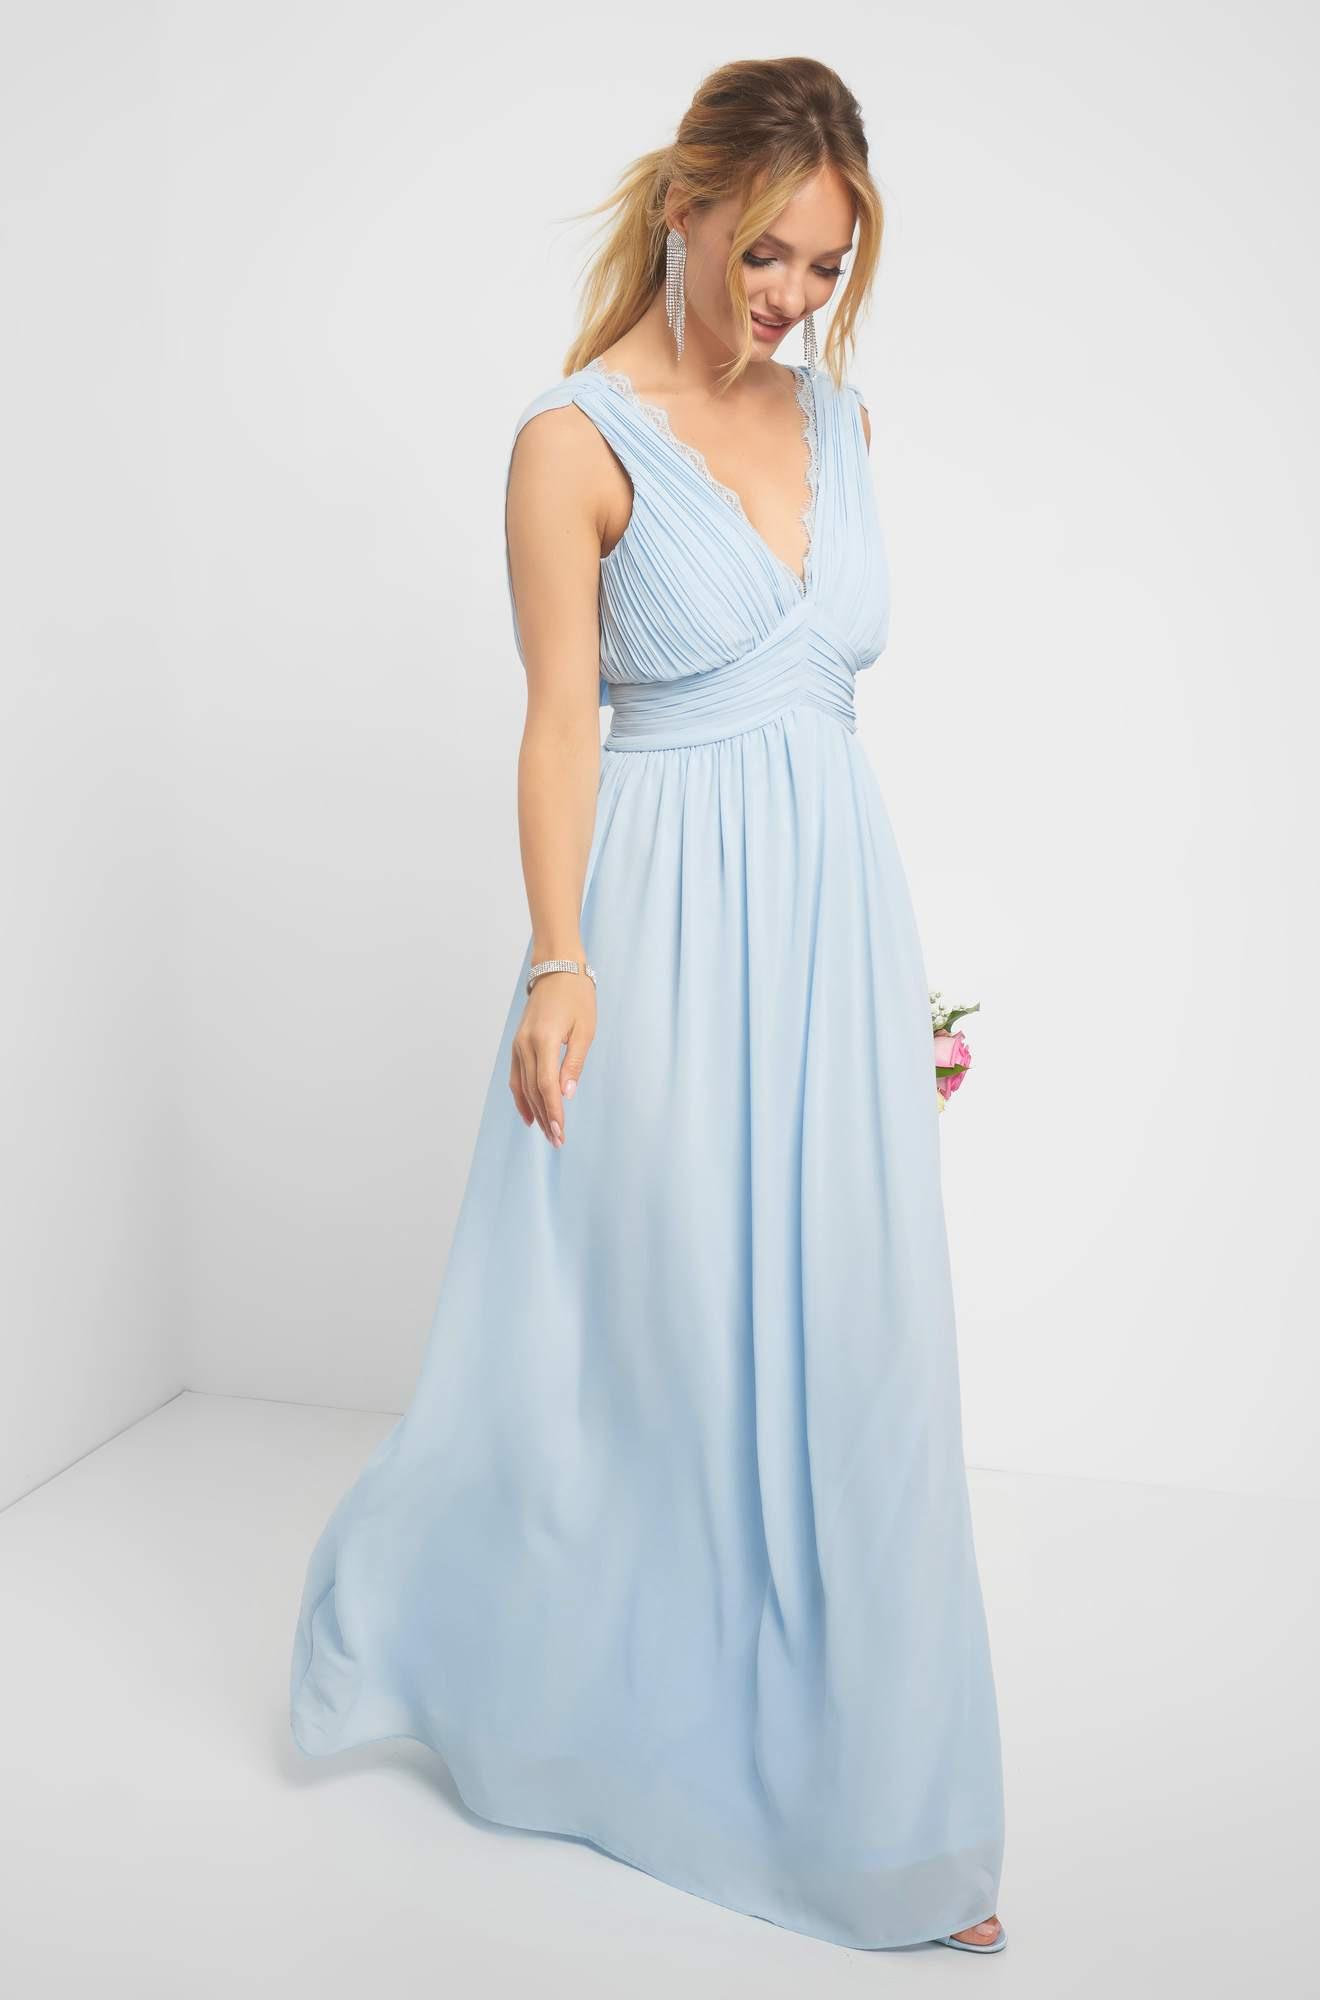 20 Cool Festliche Kleider Bester Preis13 Luxus Festliche Kleider Design